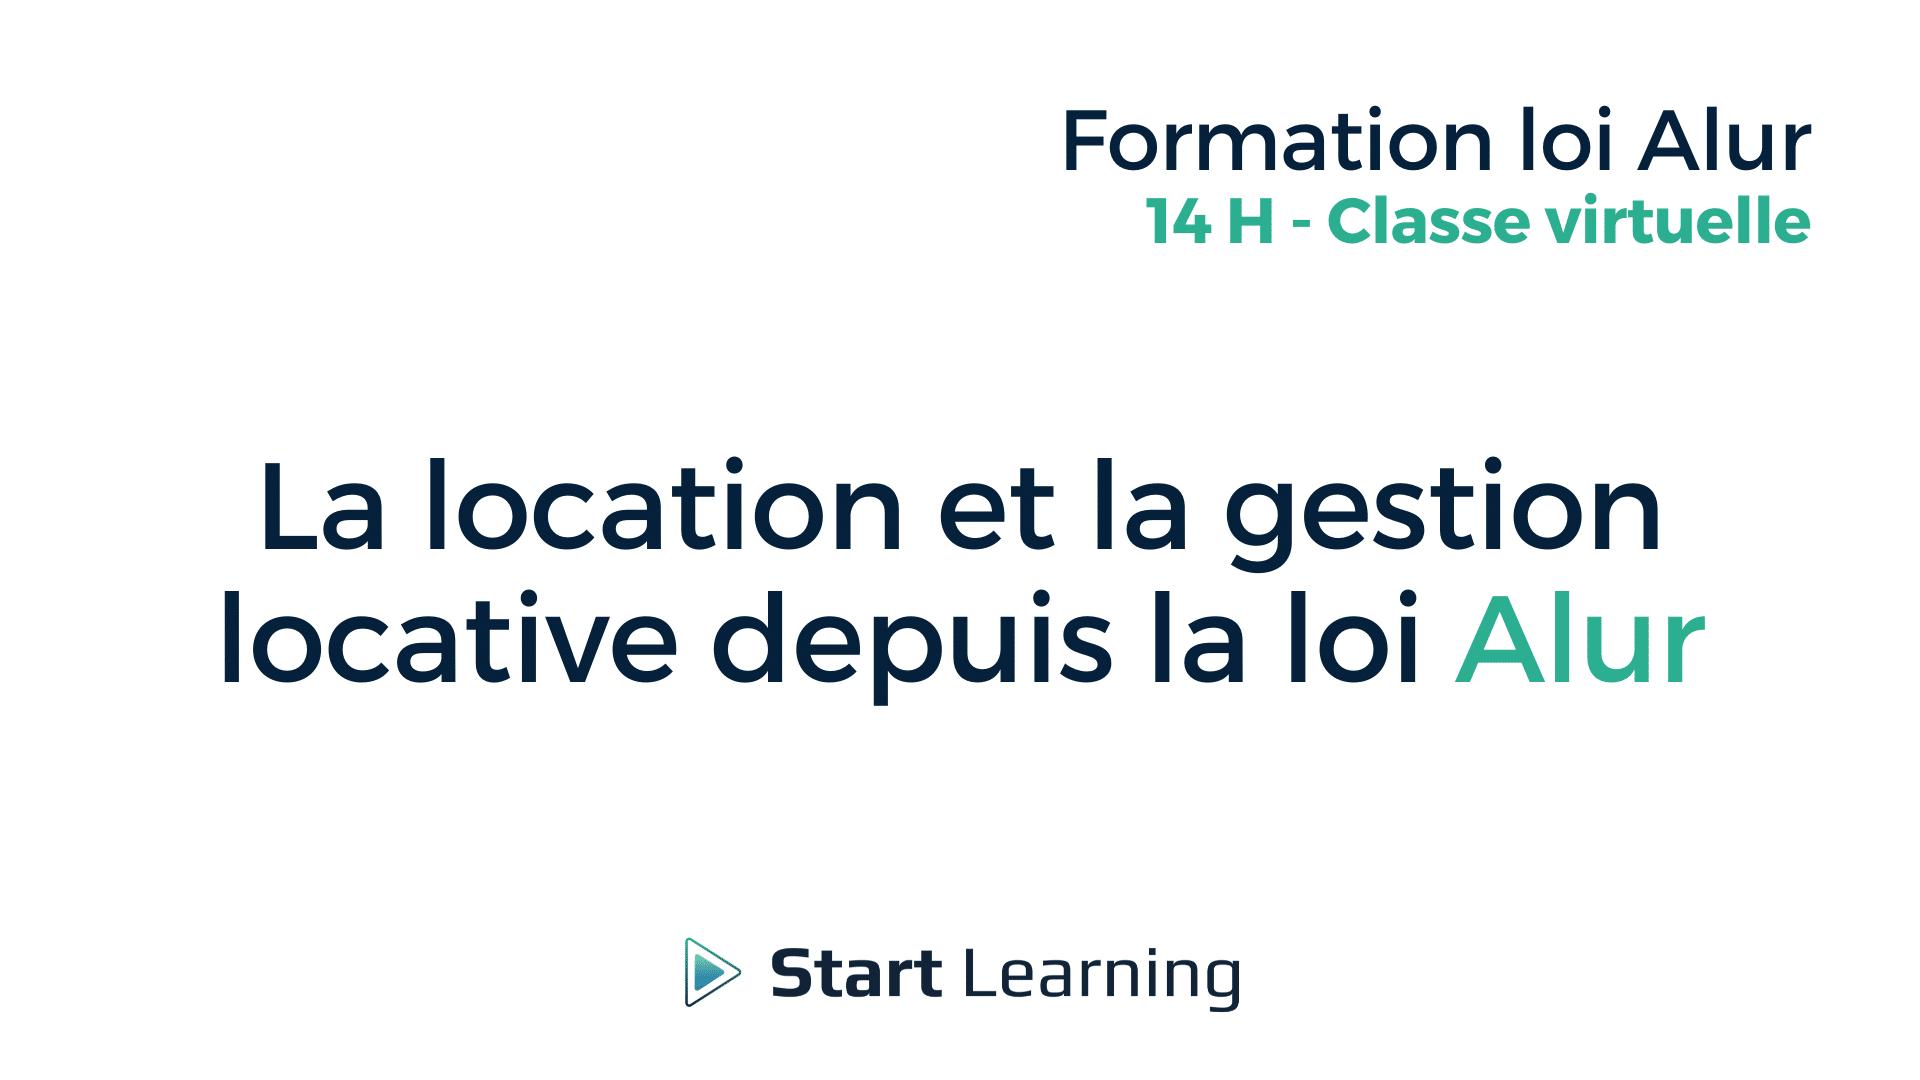 Formation loi Alur Classe Virtuelle - La location et la gestion locative depuis la loi Alur